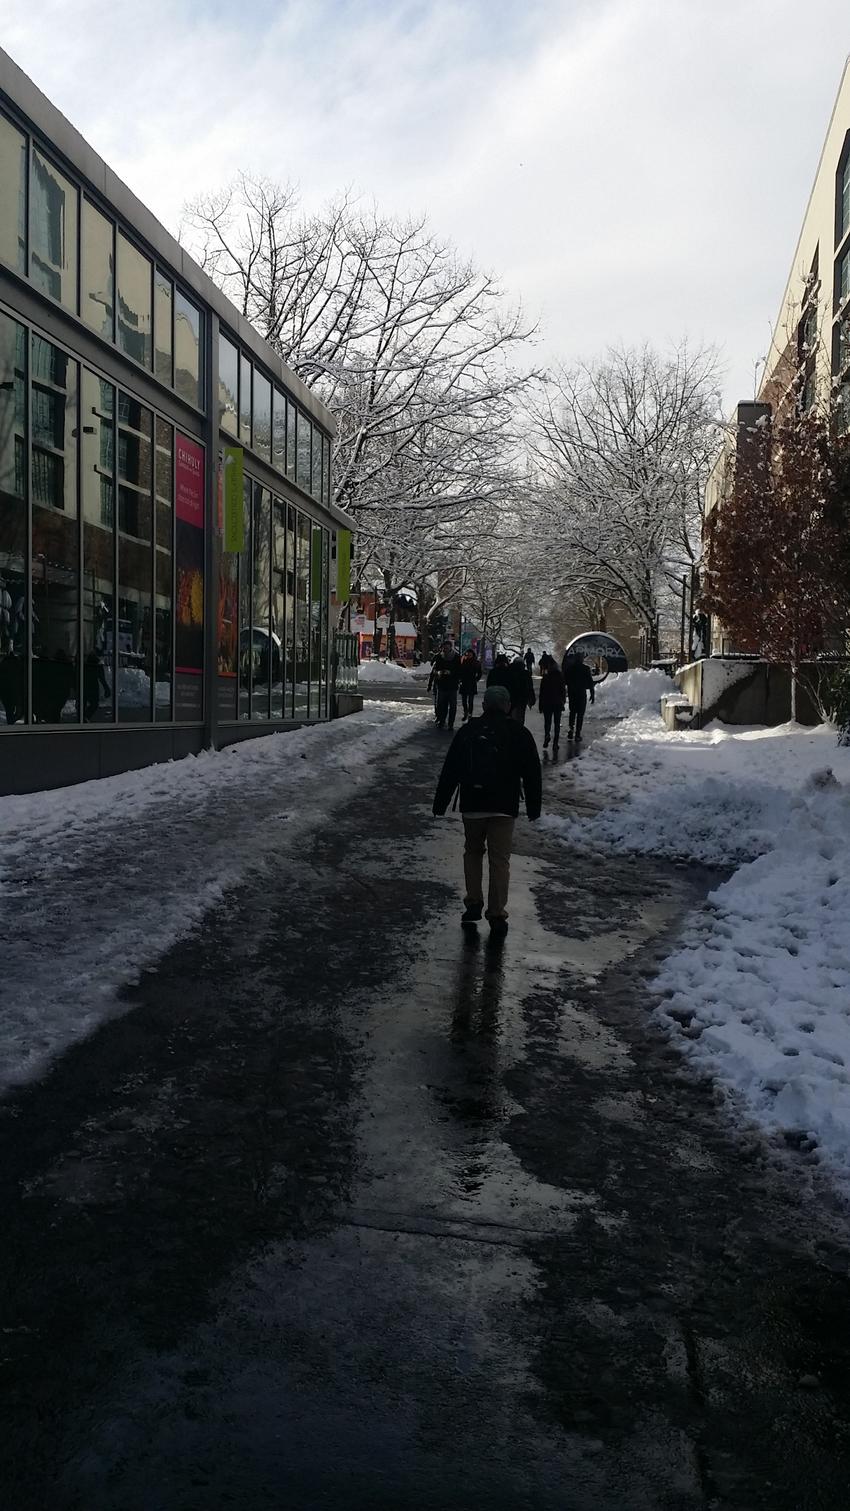 寒くて積もった雪はしばらくのこ...